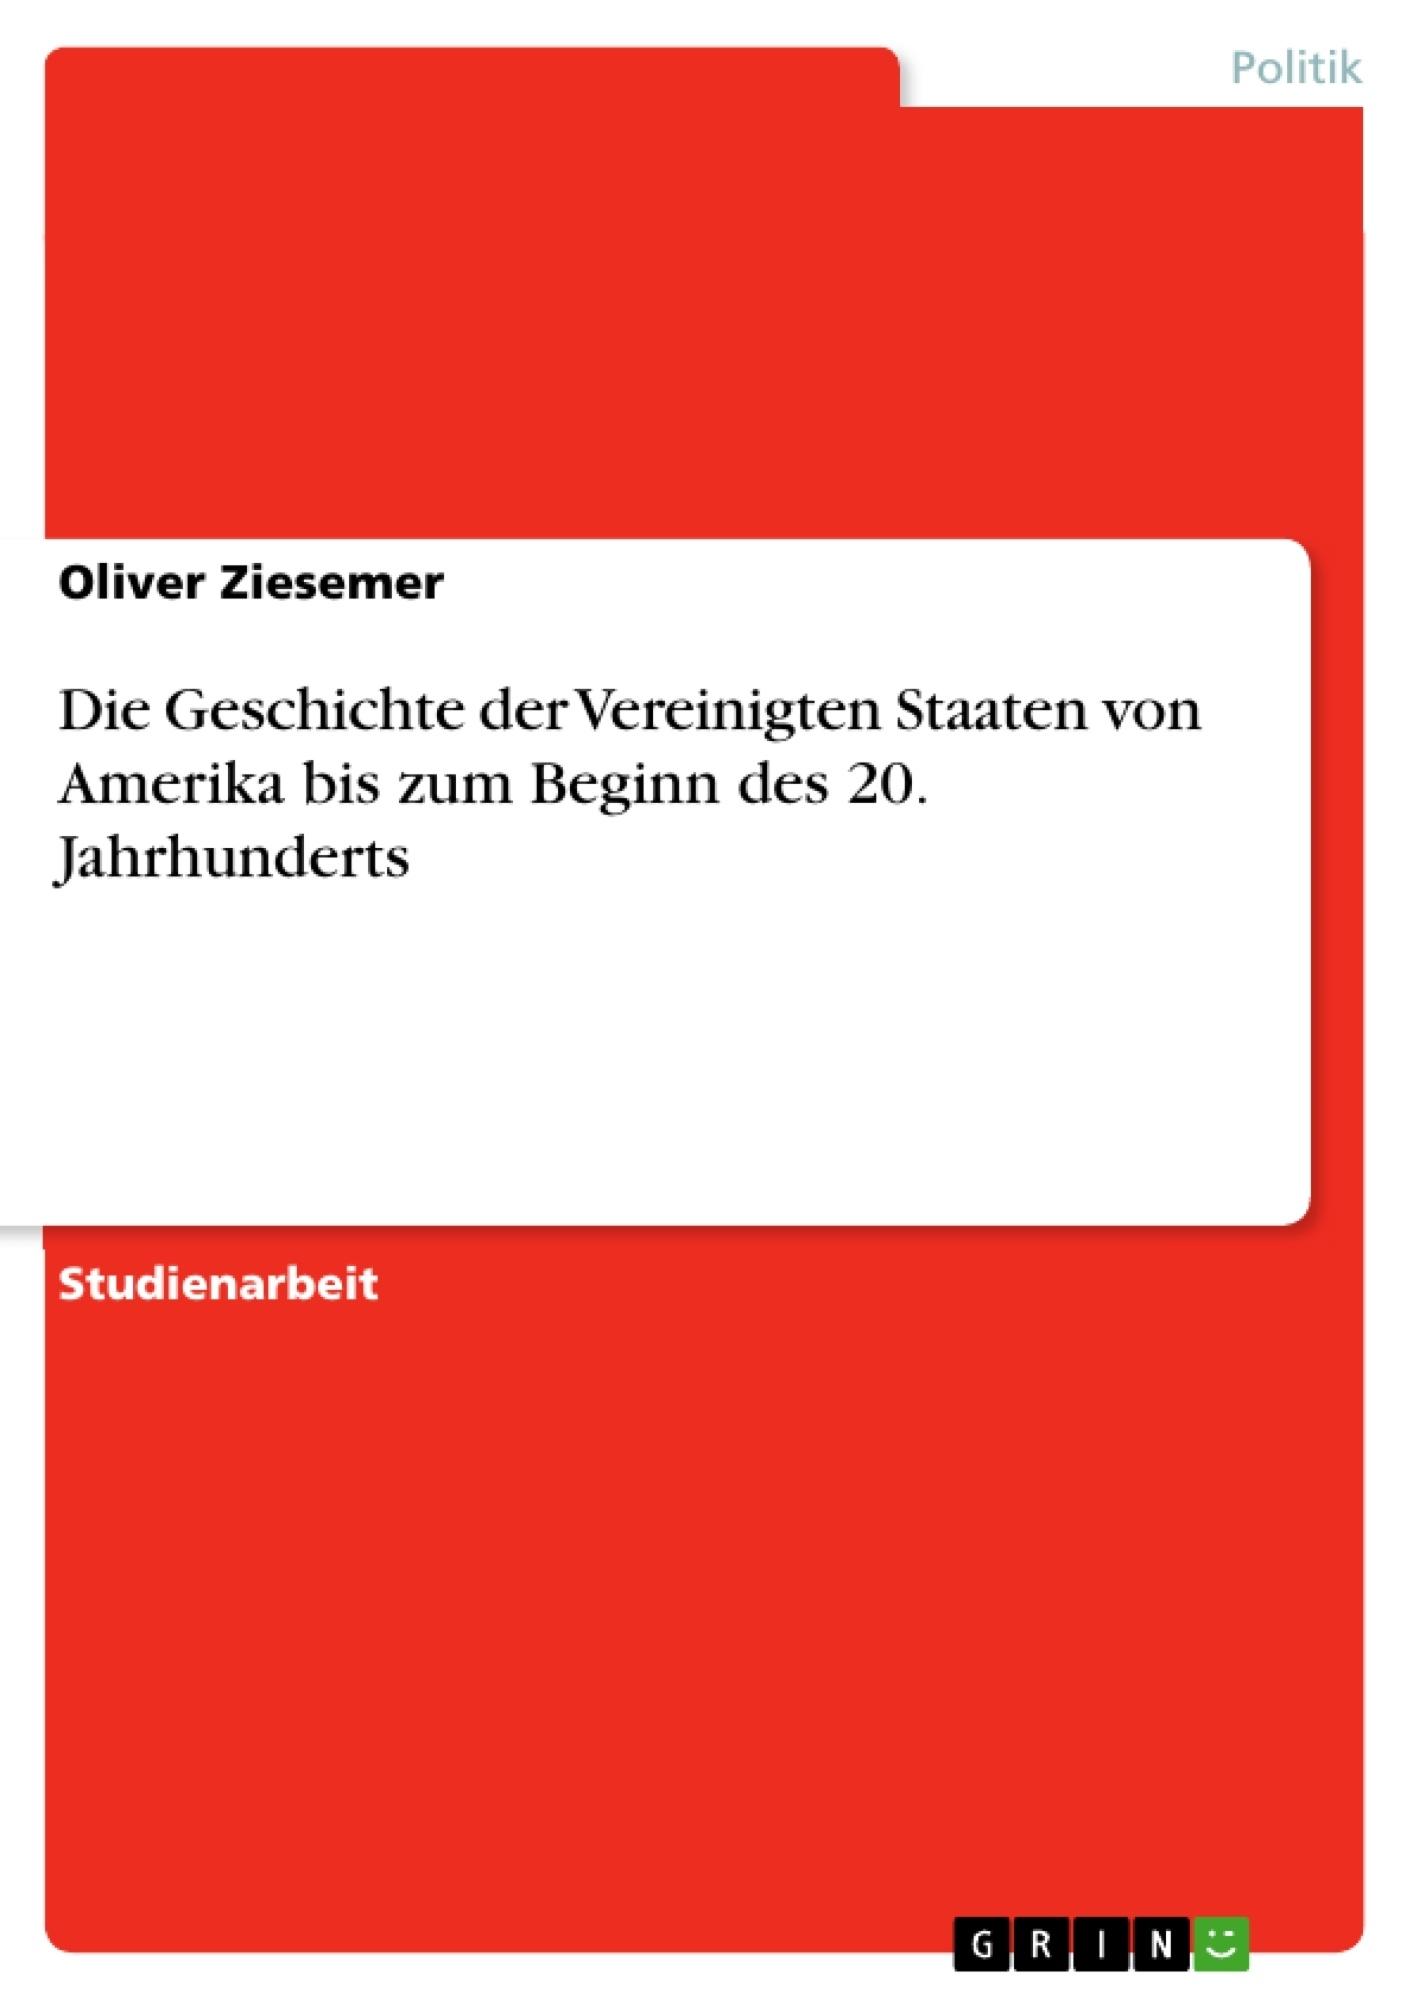 Titel: Die Geschichte der Vereinigten Staaten von Amerika bis zum Beginn des 20. Jahrhunderts